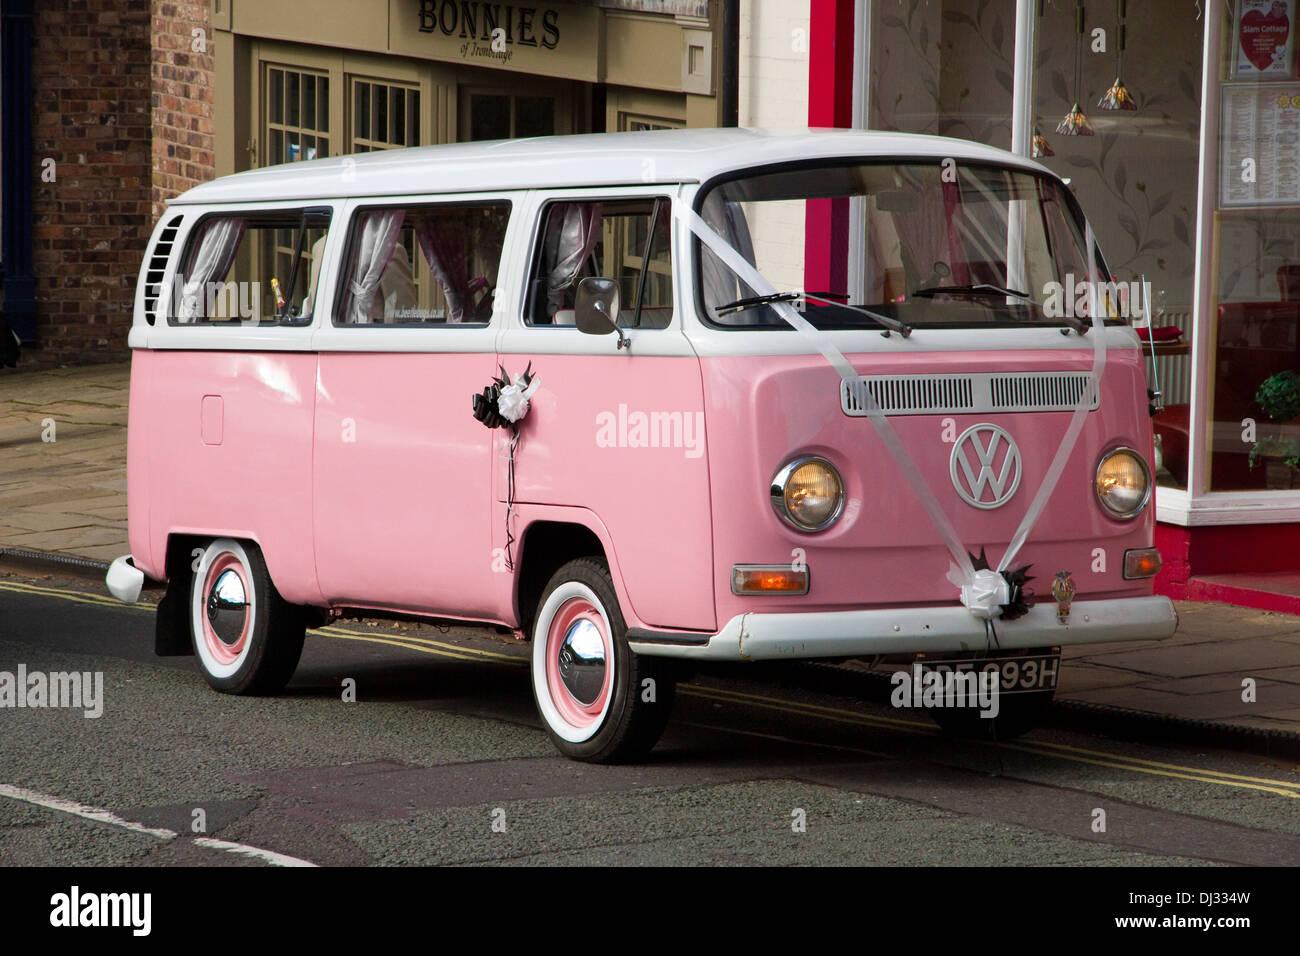 Wedding Car Stock Photos & Wedding Car Stock Images - Alamy